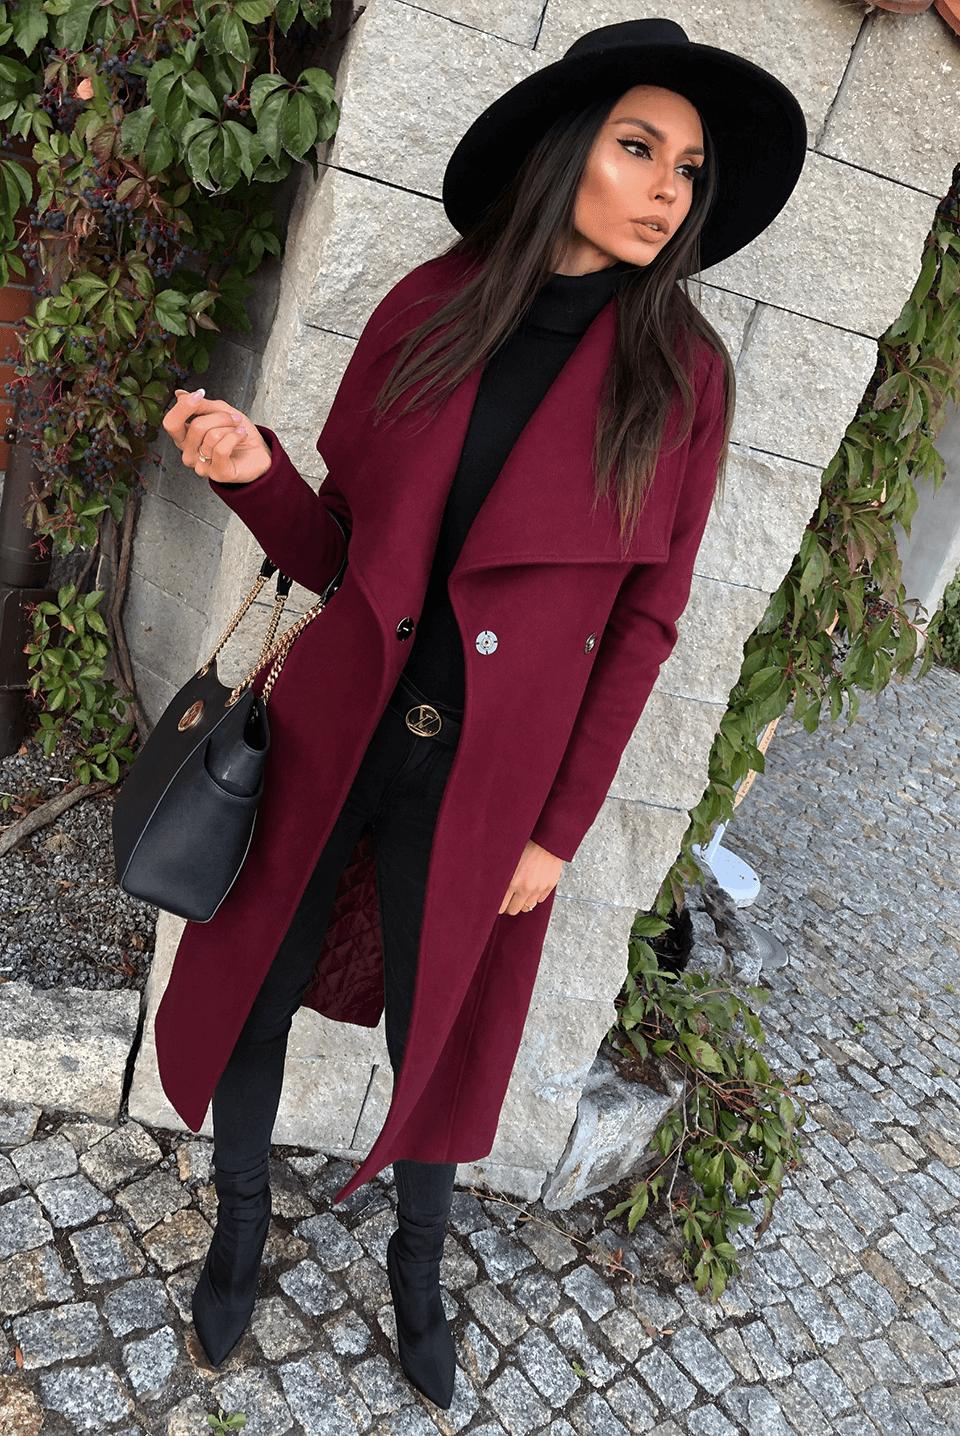 Gisele Bordo Illuminate Pl Brown Coat Outfit Maroon Coat Outfit Winter Coat Outfits